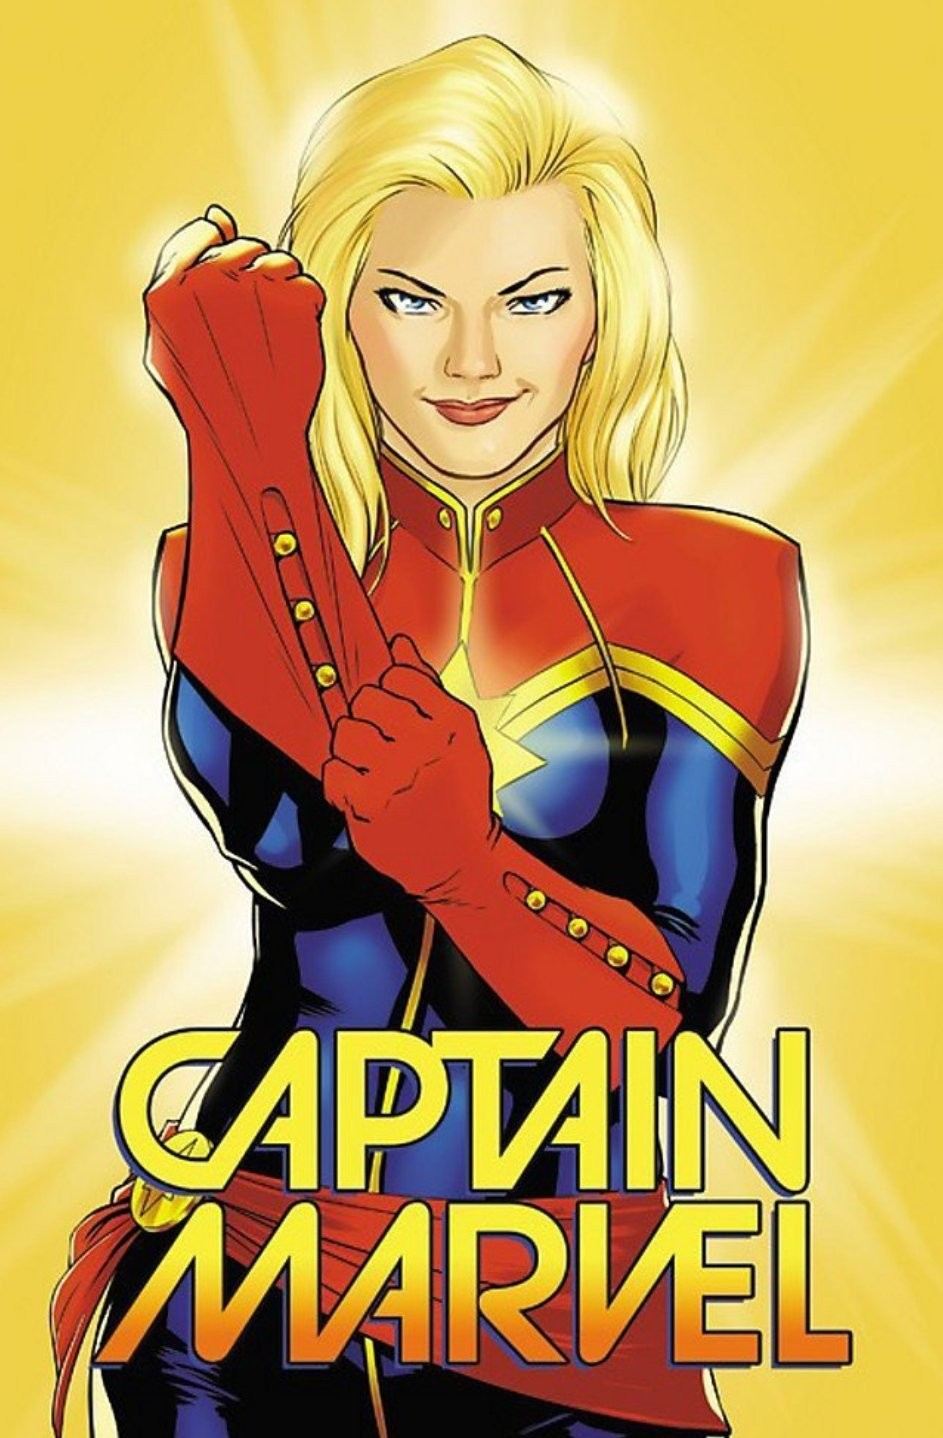 Quadrinhos de 2012 inspiraram Capitã Marvel, novo filme da Casa das Ideias (Foto: David Lopez/Marvel)